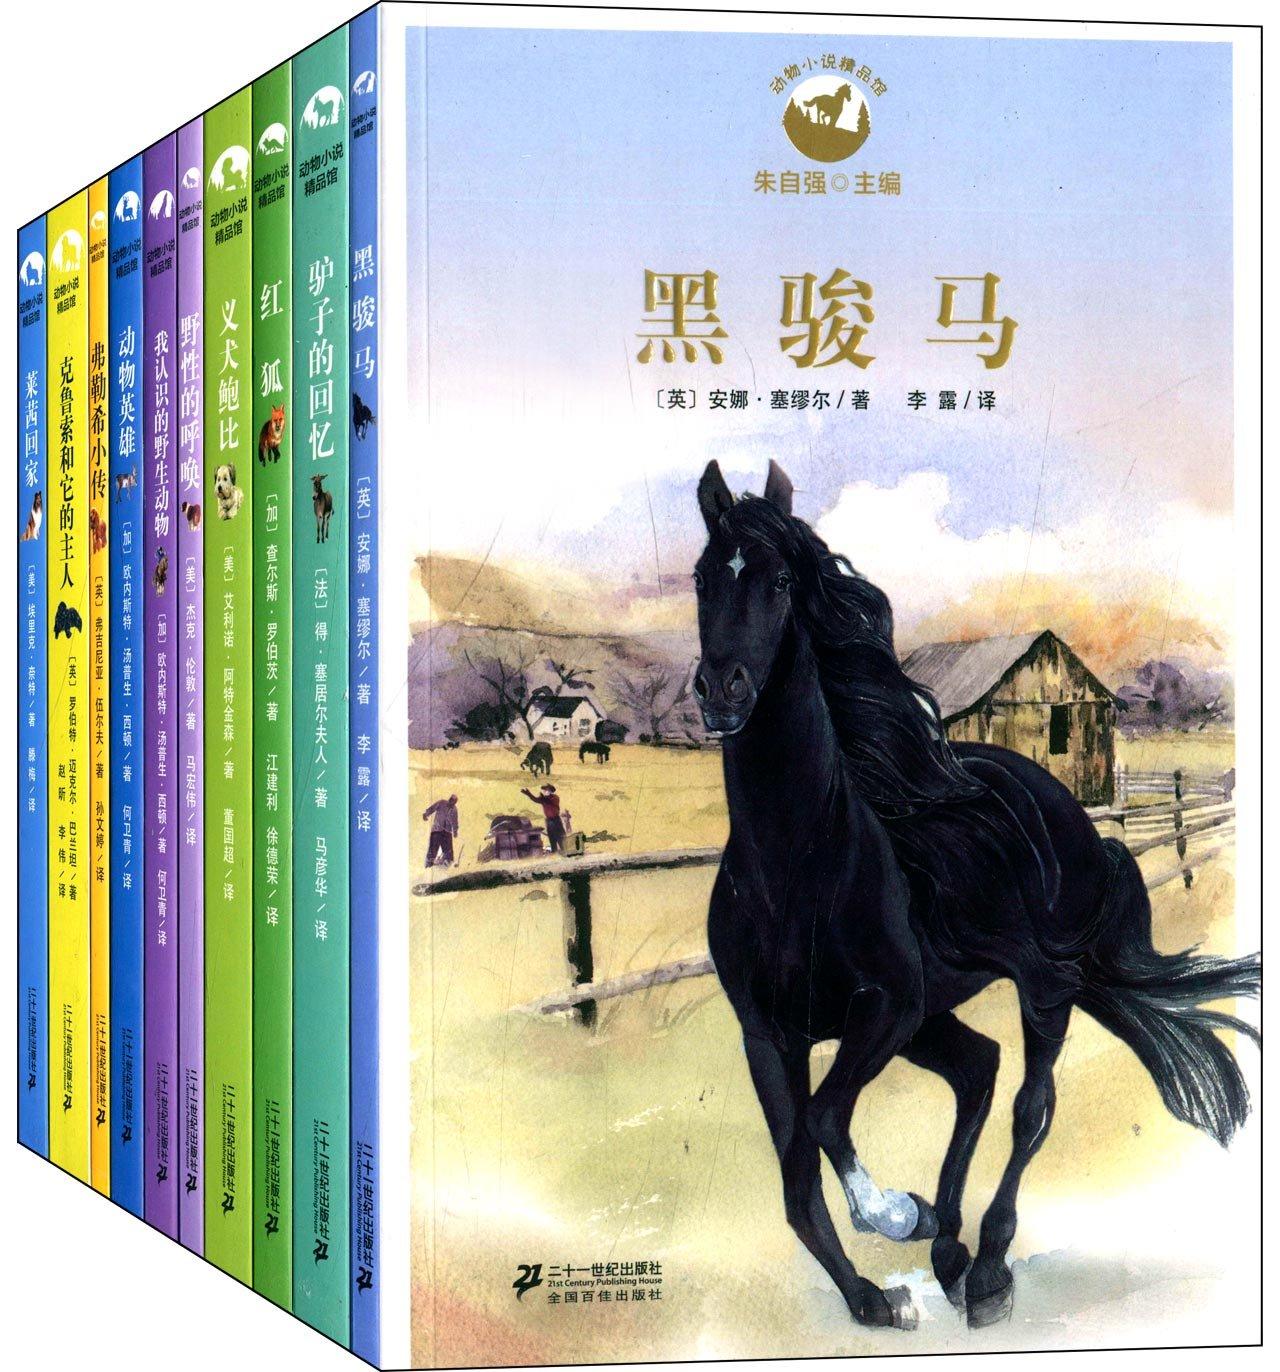 所属分类图书 > 动物小说              动物小说精品馆(黑骏马 驴子